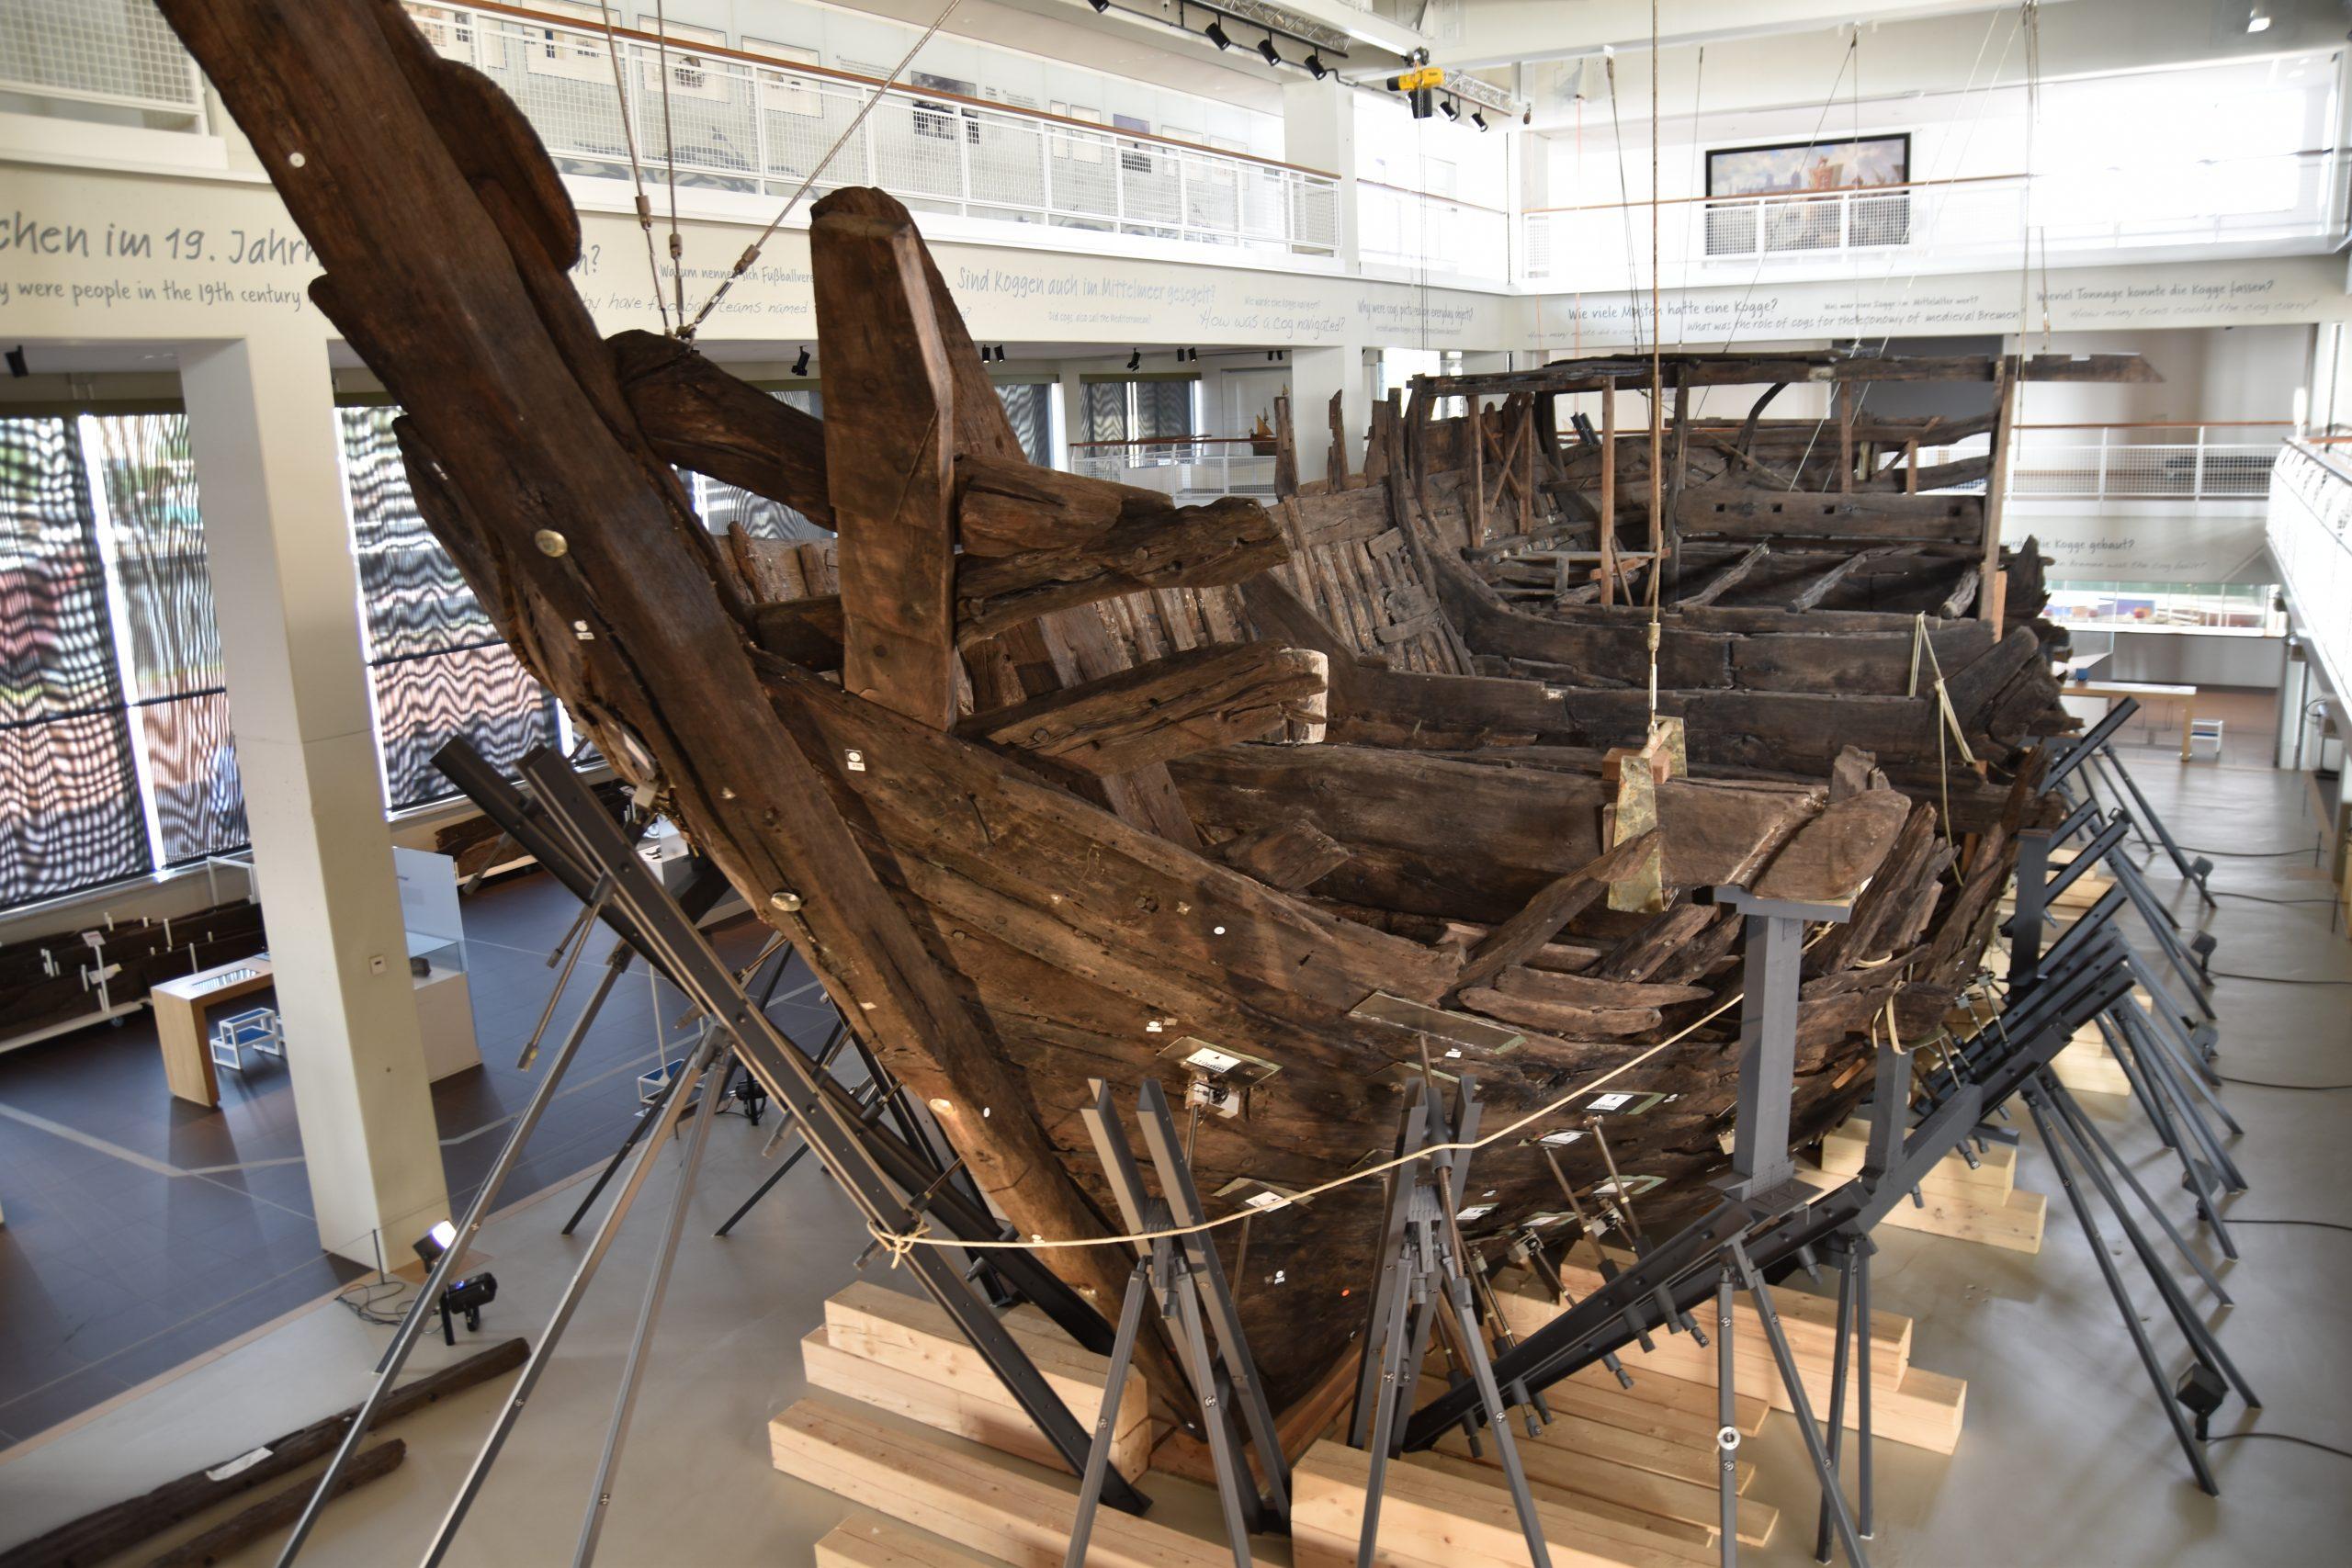 Der Rohbau eines Schiffes im Deutschen Schiffahrtsmuseum.